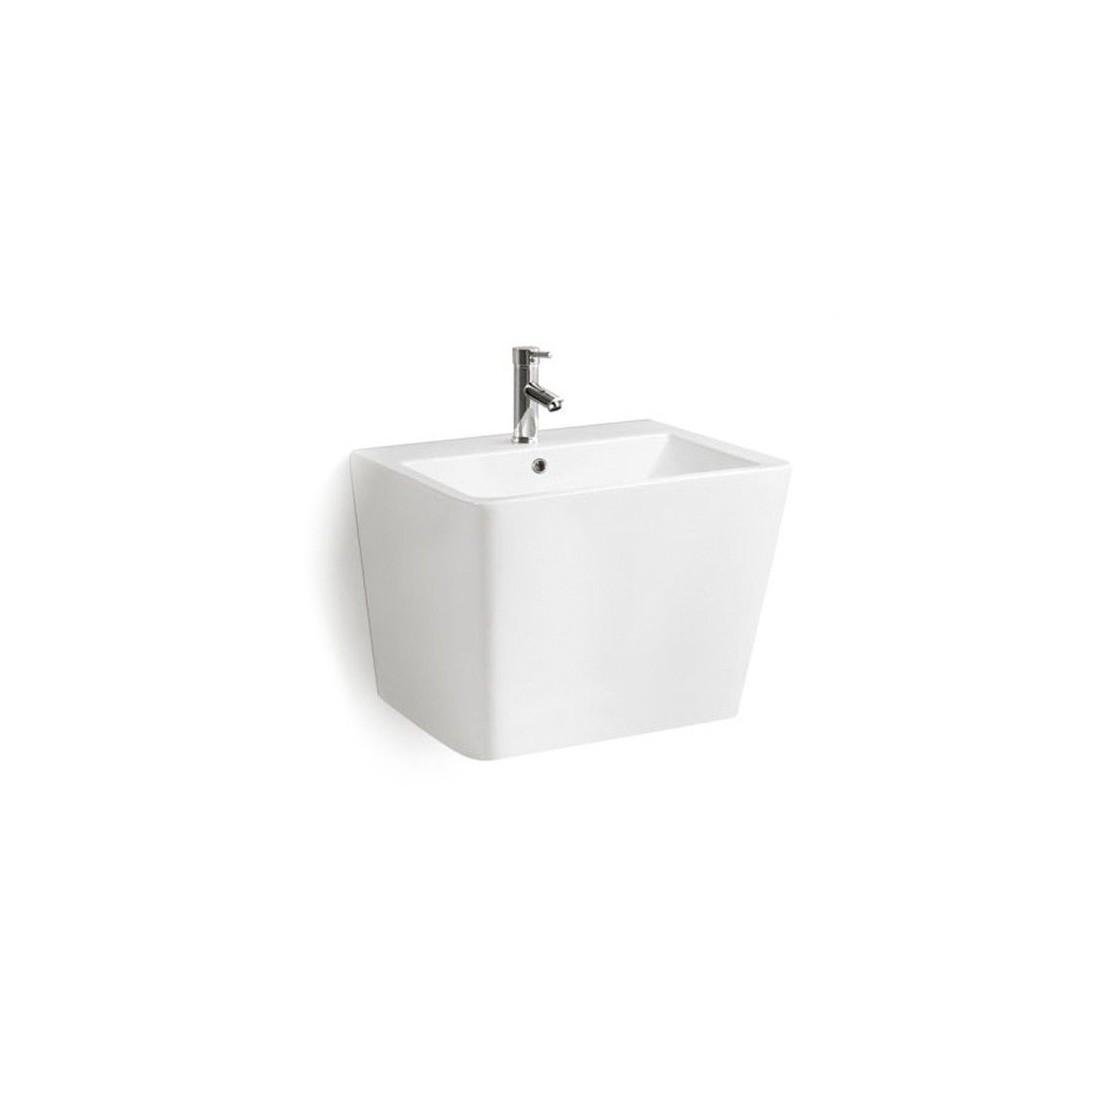 Lavabos suspendidos pequeos baldas y lavabos suspendidos - Altura de lavabo suspendido ...